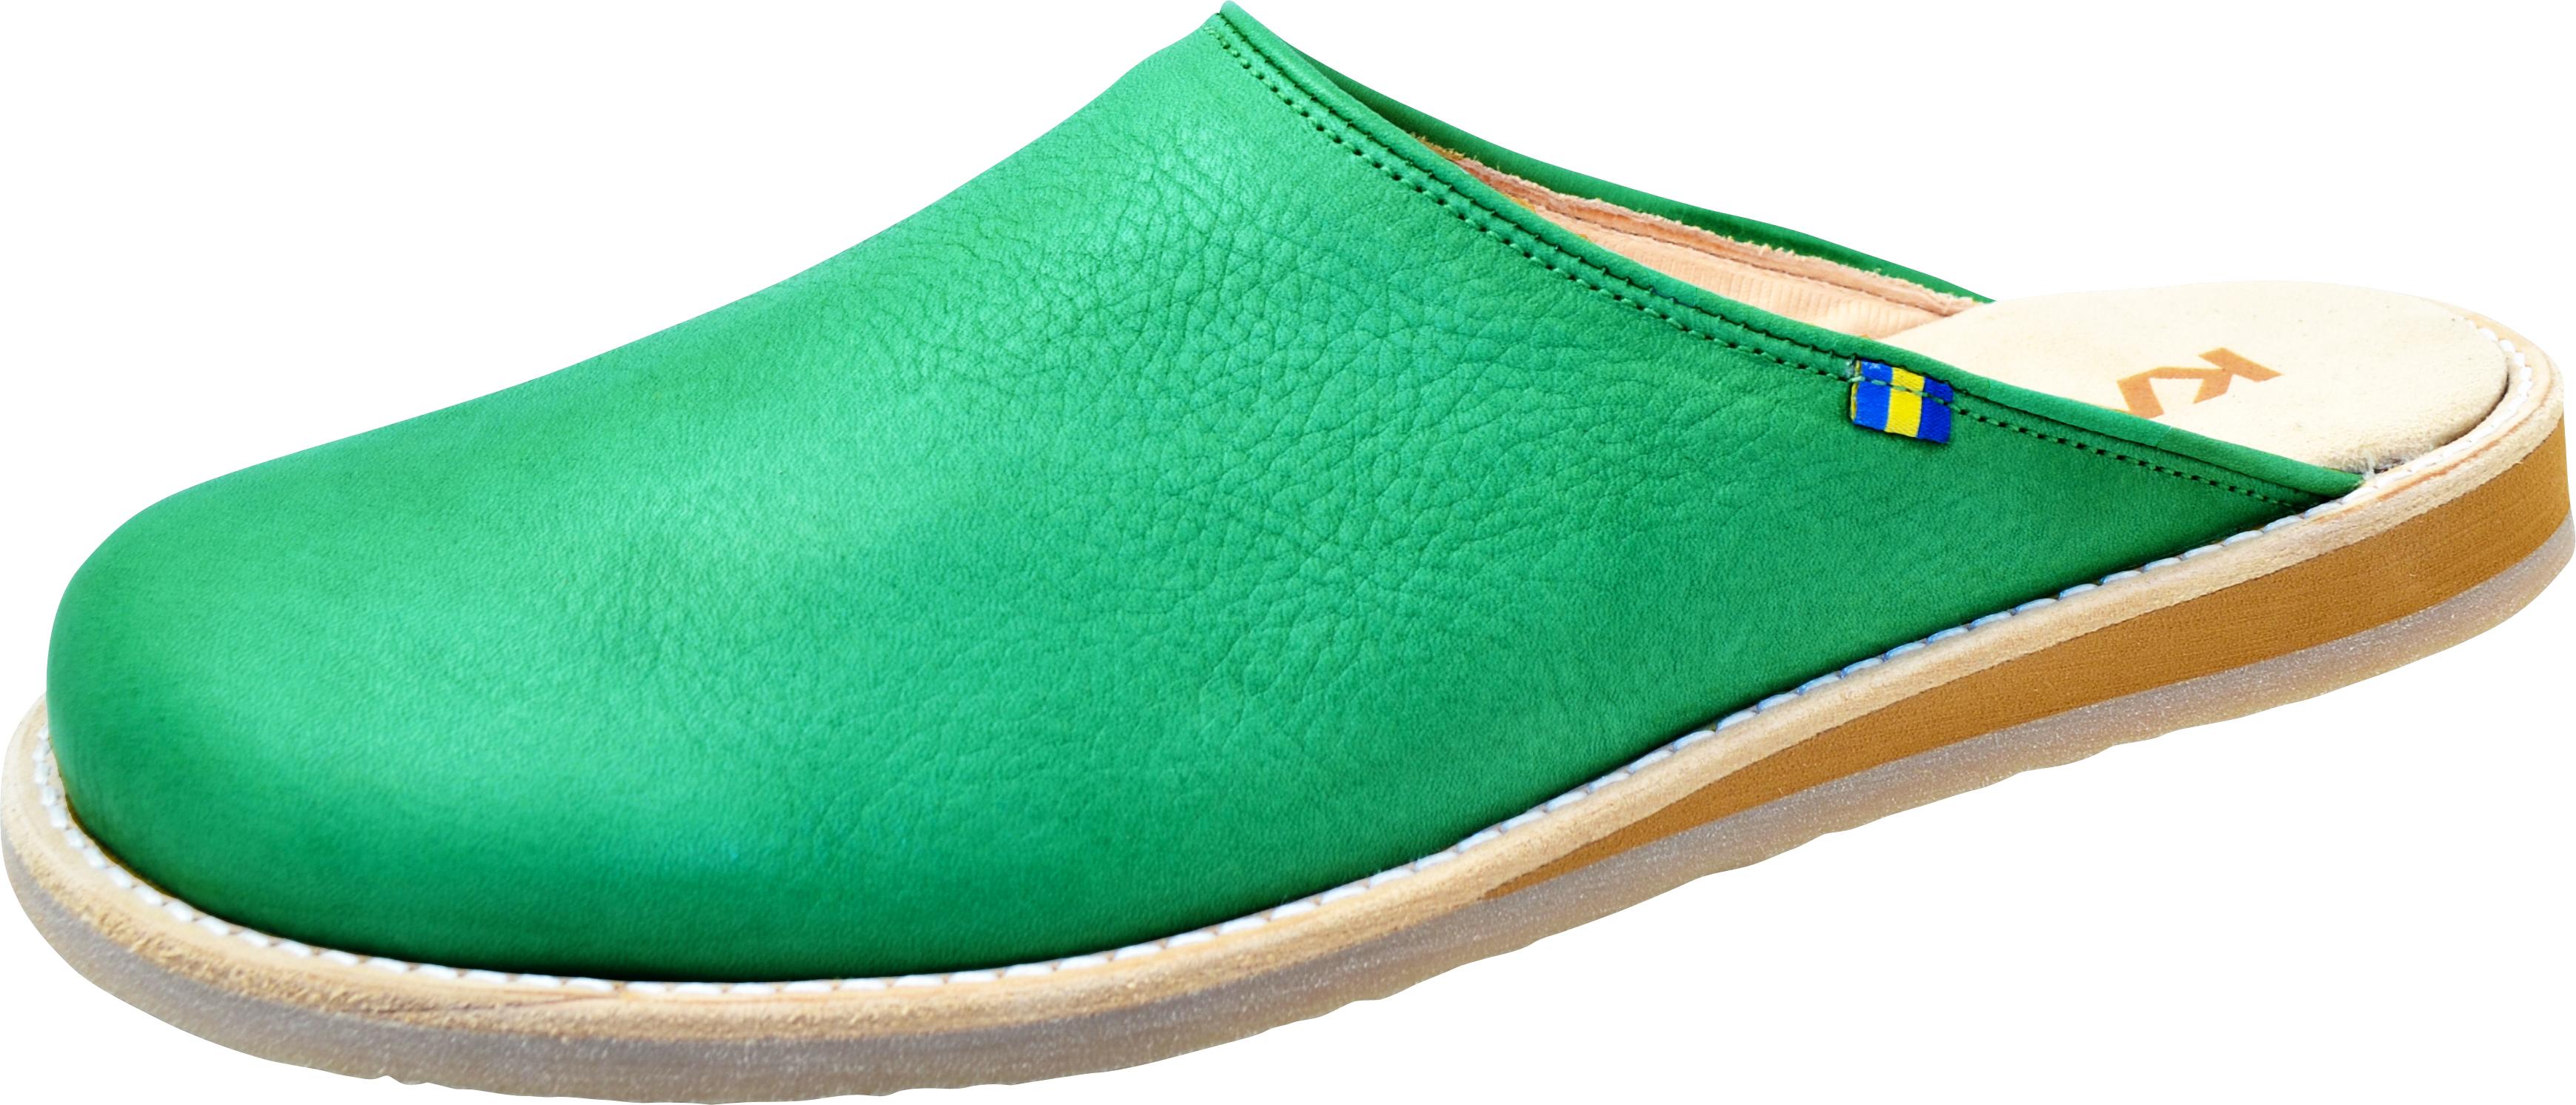 Kavat Bosse green